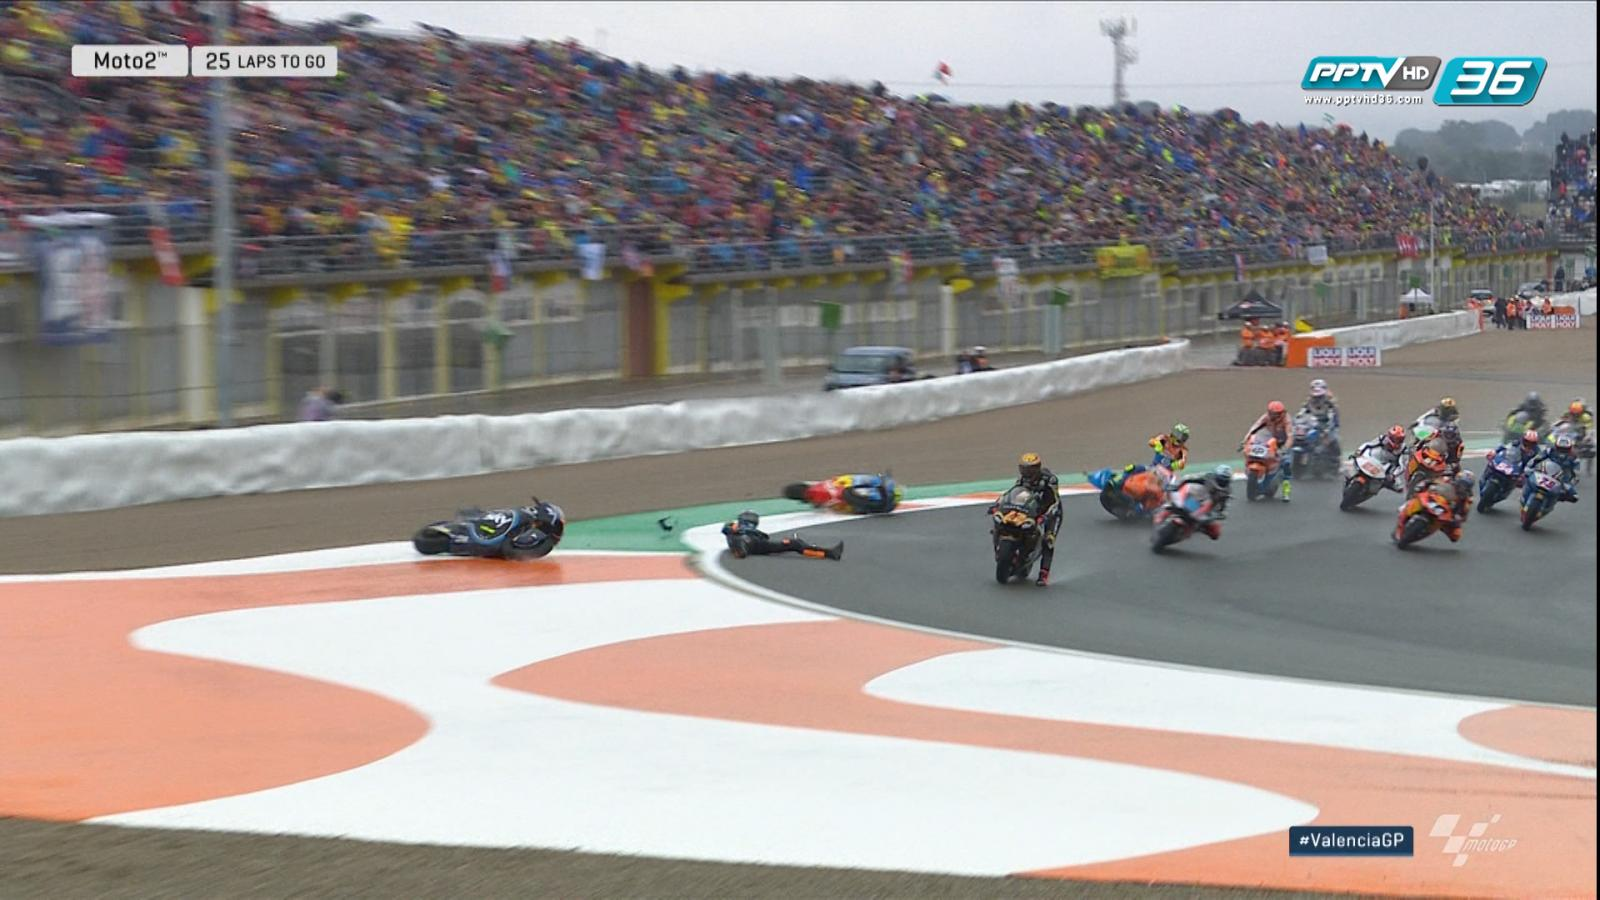 จังหวะลื่นล้มของนักบิด Moto2 ตั้งแต่โค้ง 2 ของรอบแรกในสนามสุดท้าย